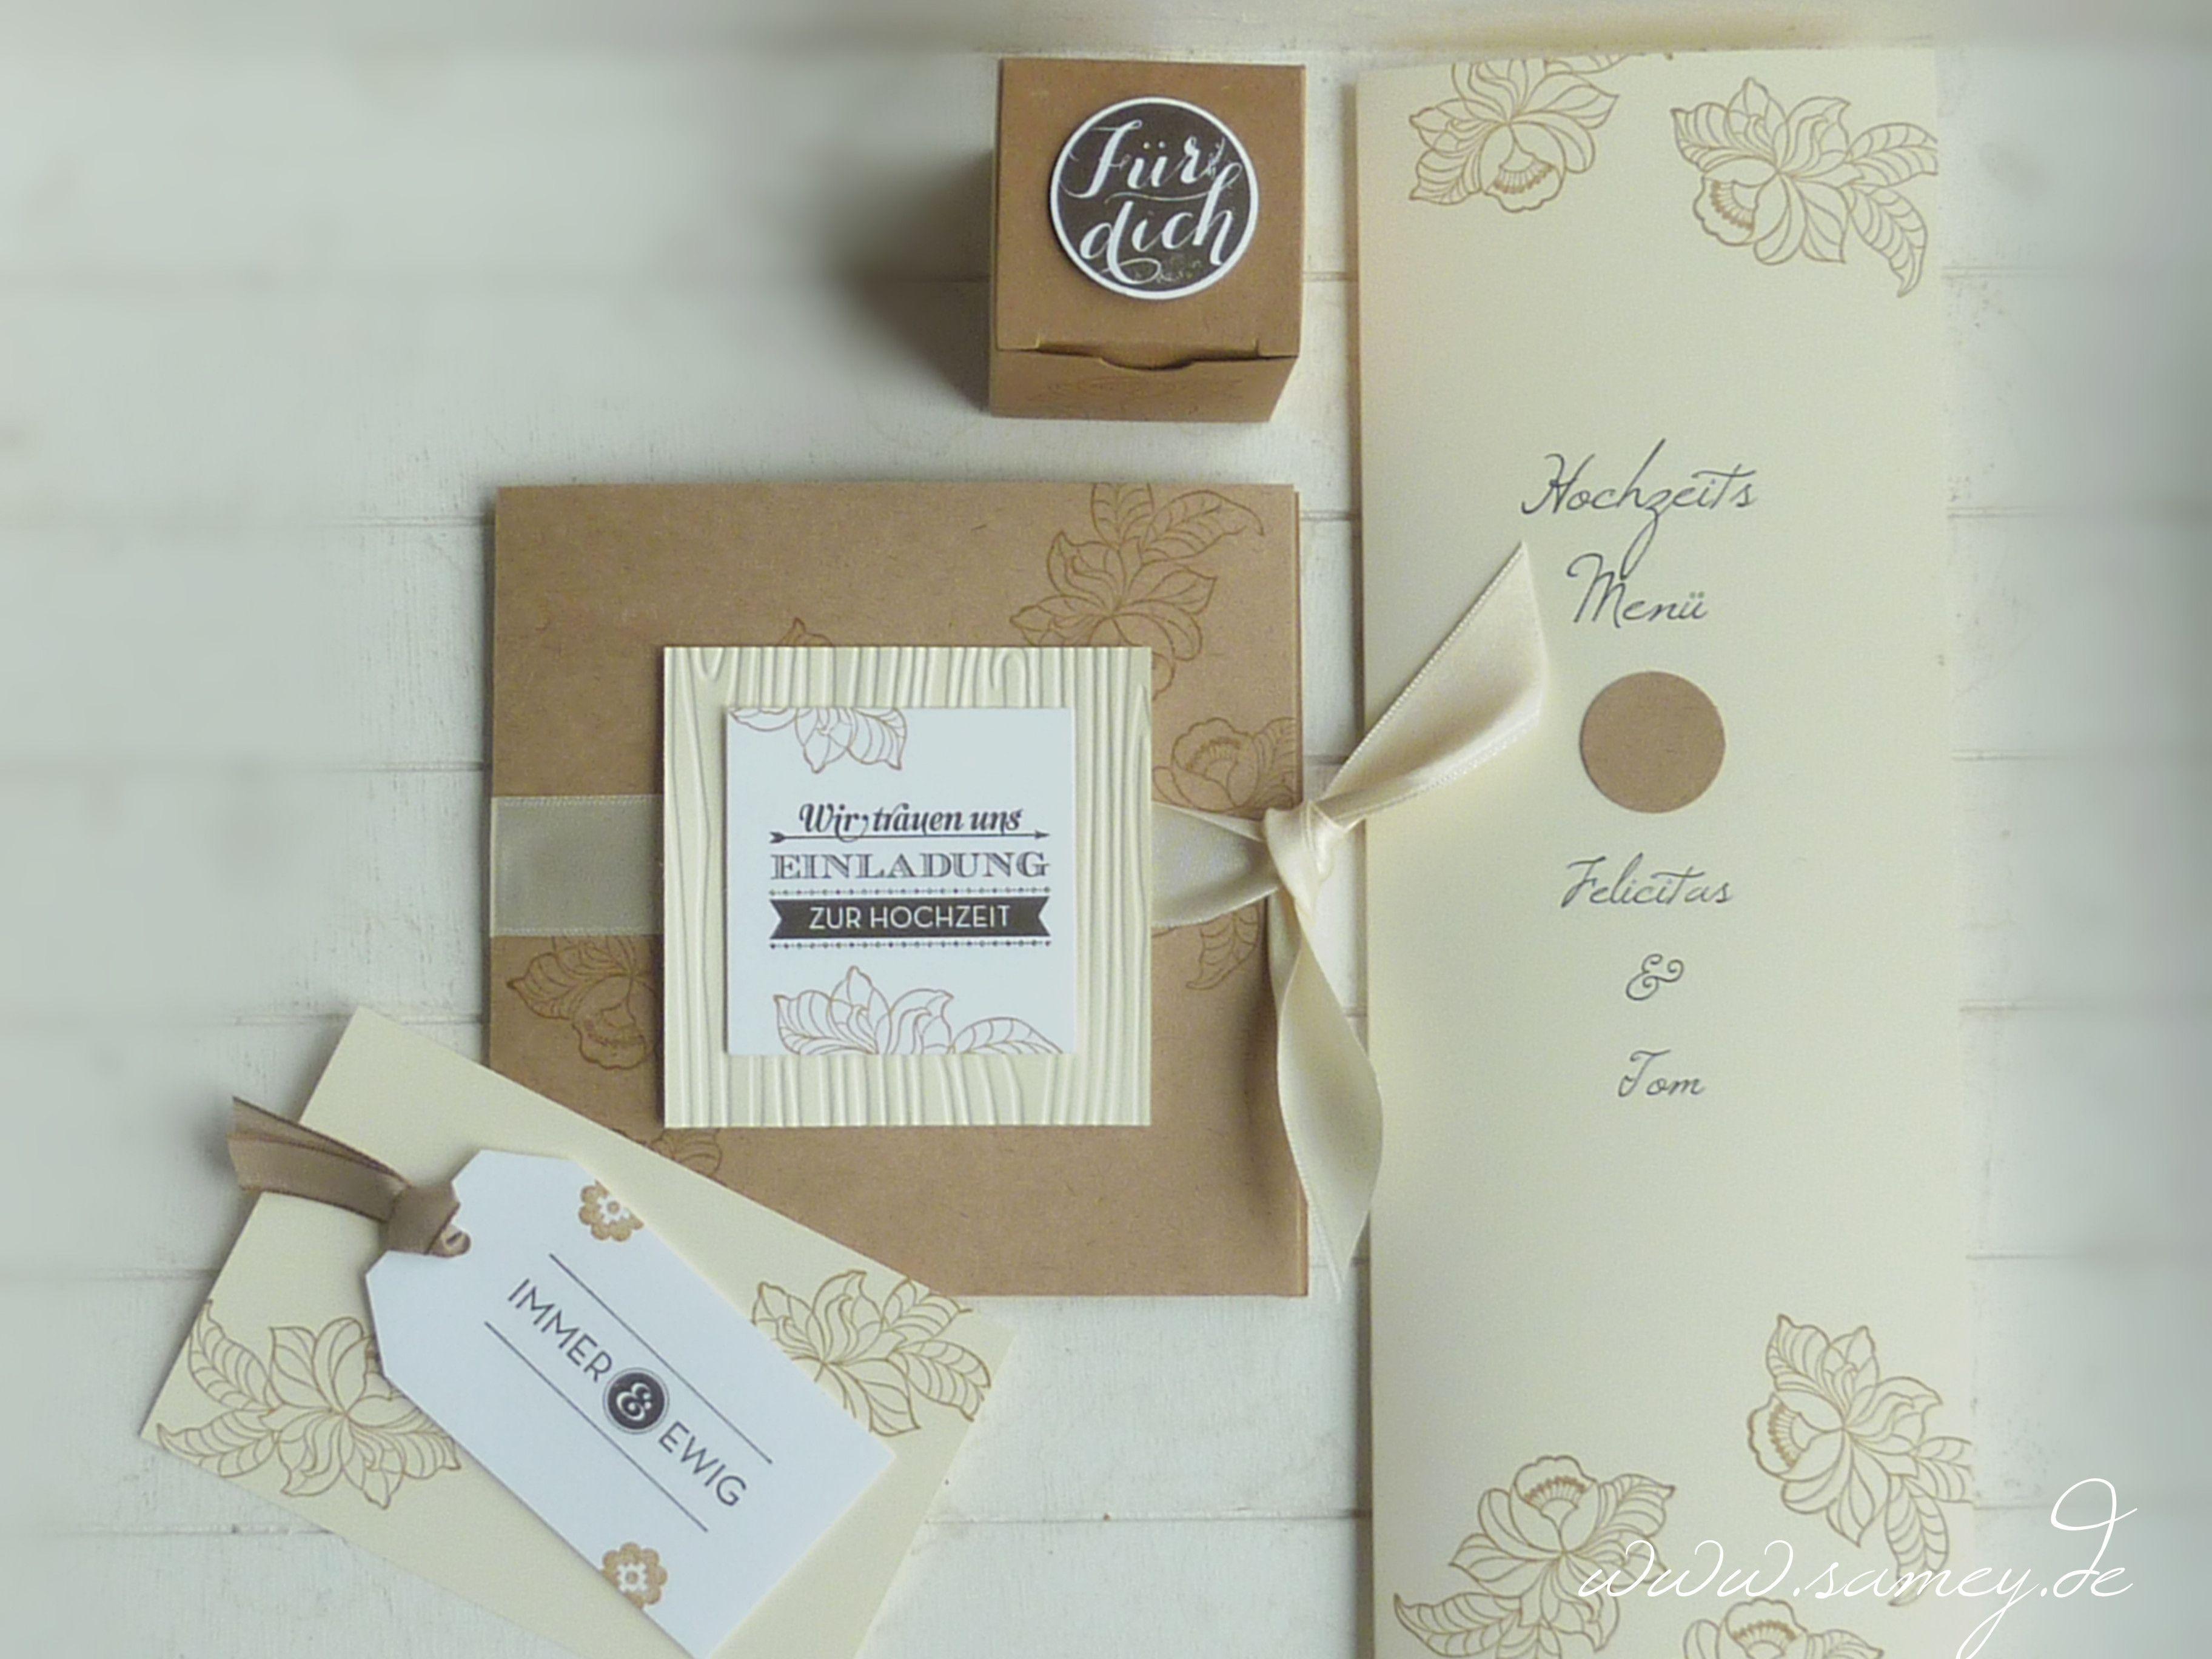 Hochzeitseinladung aus Kraftkarton dazu passende Menükarte